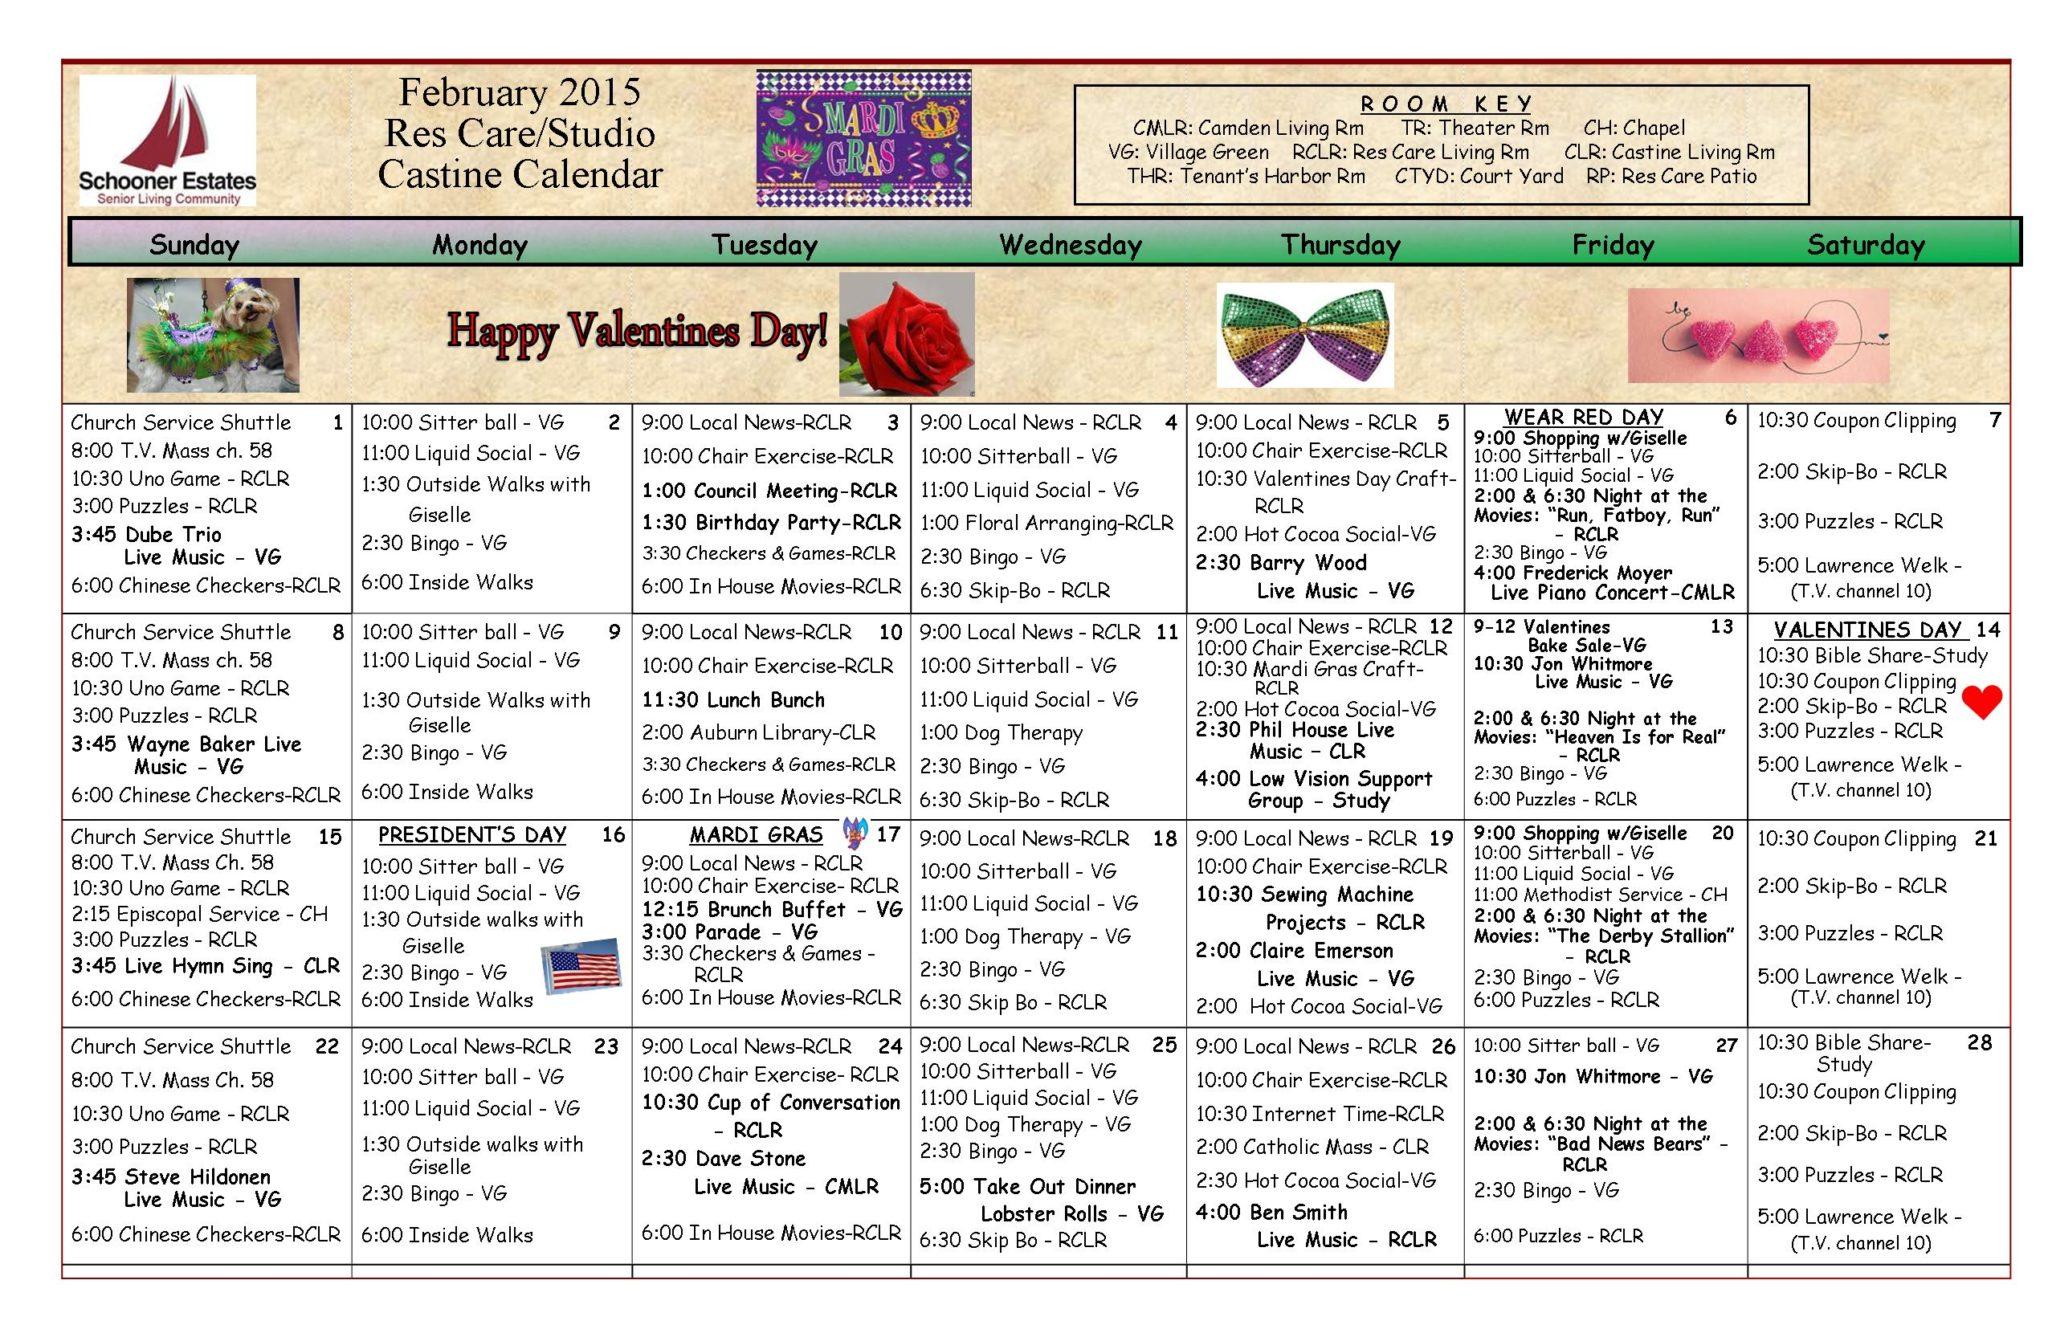 02 Res Care February Calendar 2015